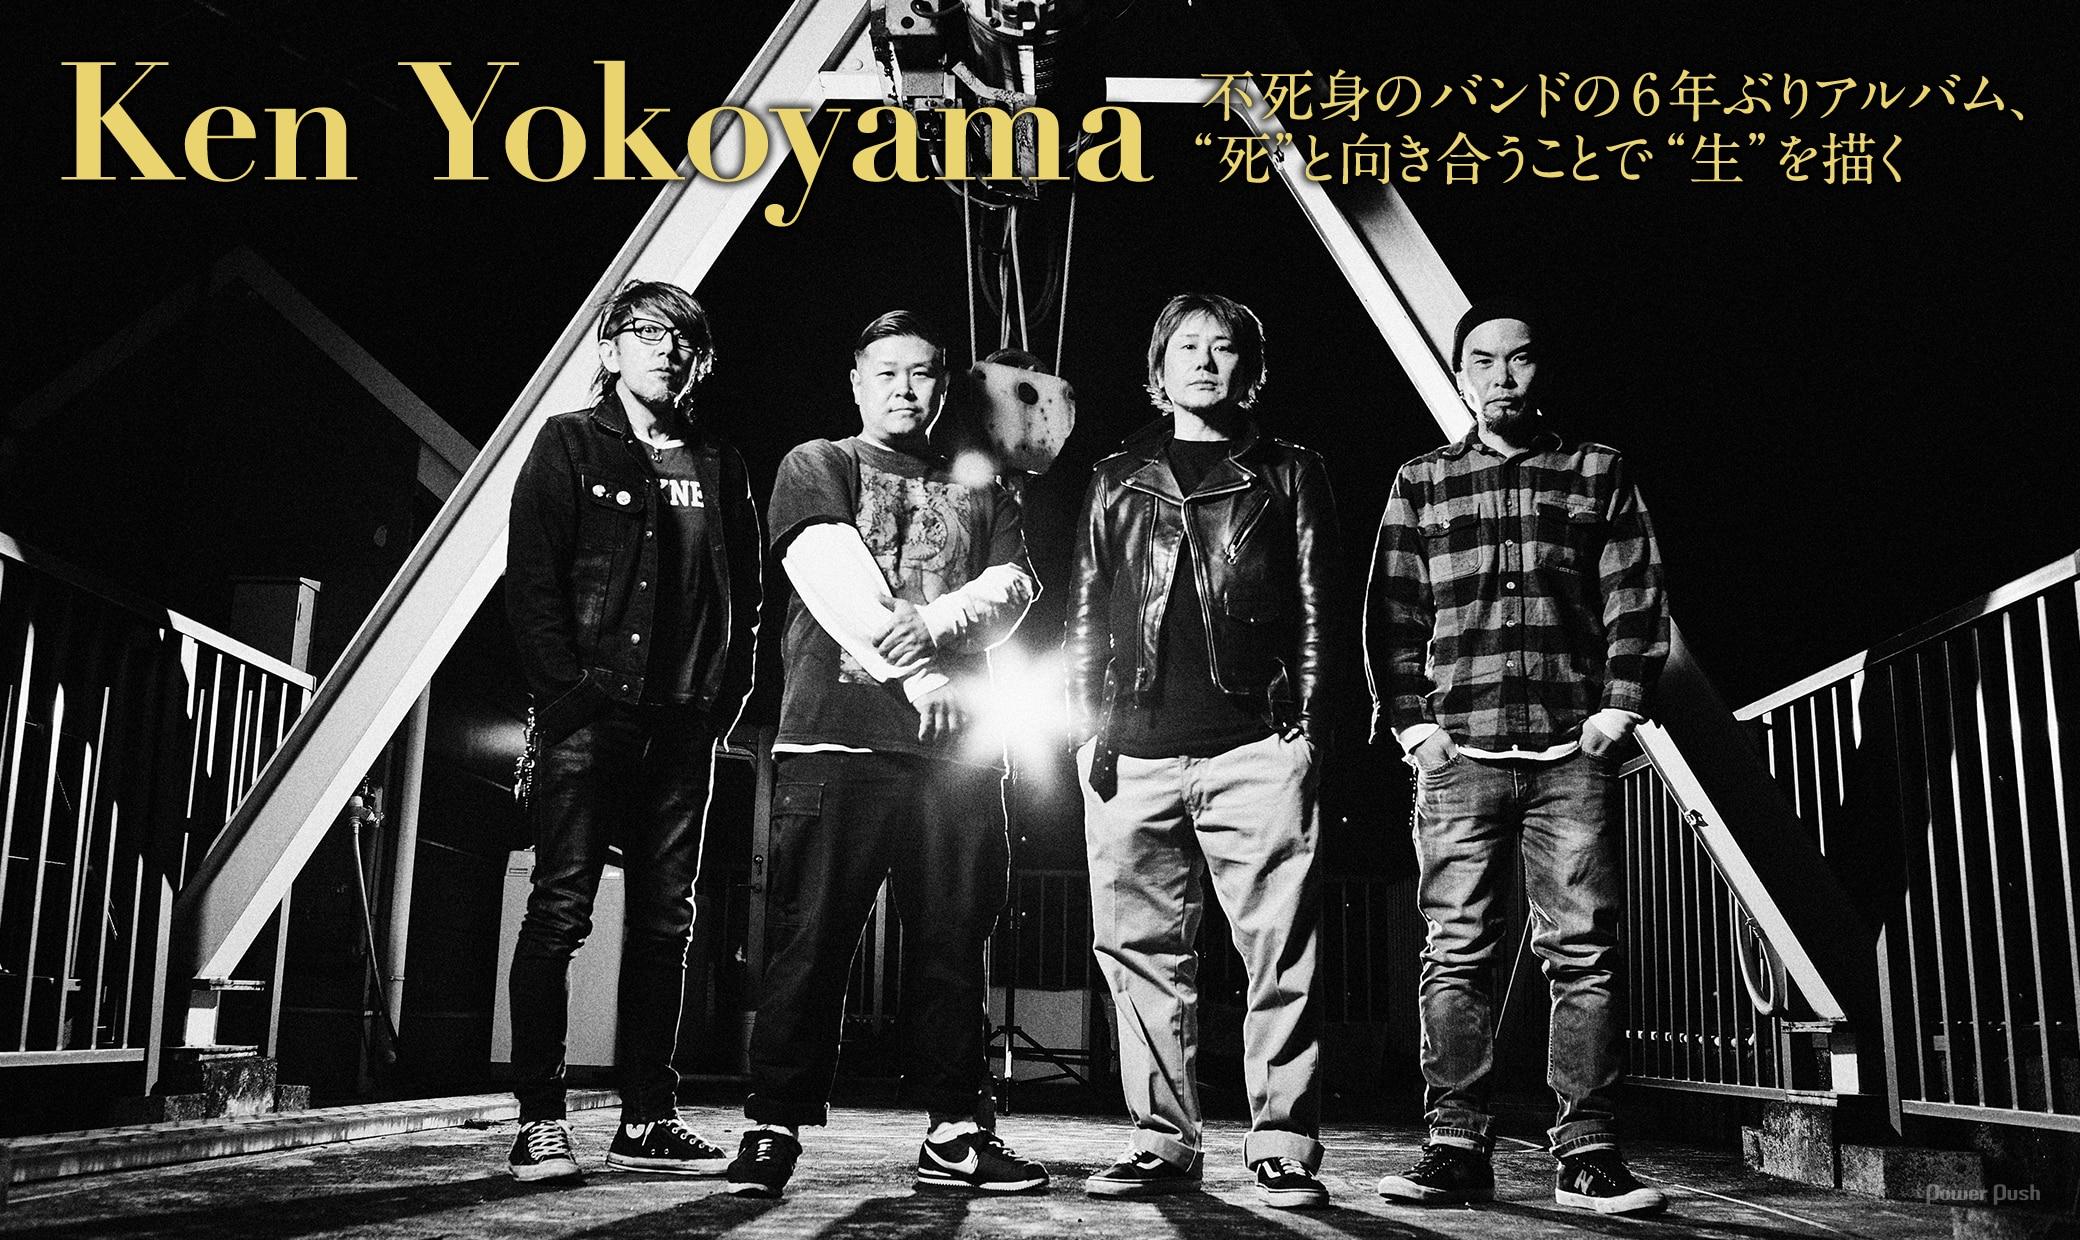 """Ken Yokoyama 不死身のバンドの6年ぶりアルバム、""""死""""と向き合うことで""""生""""を描く"""